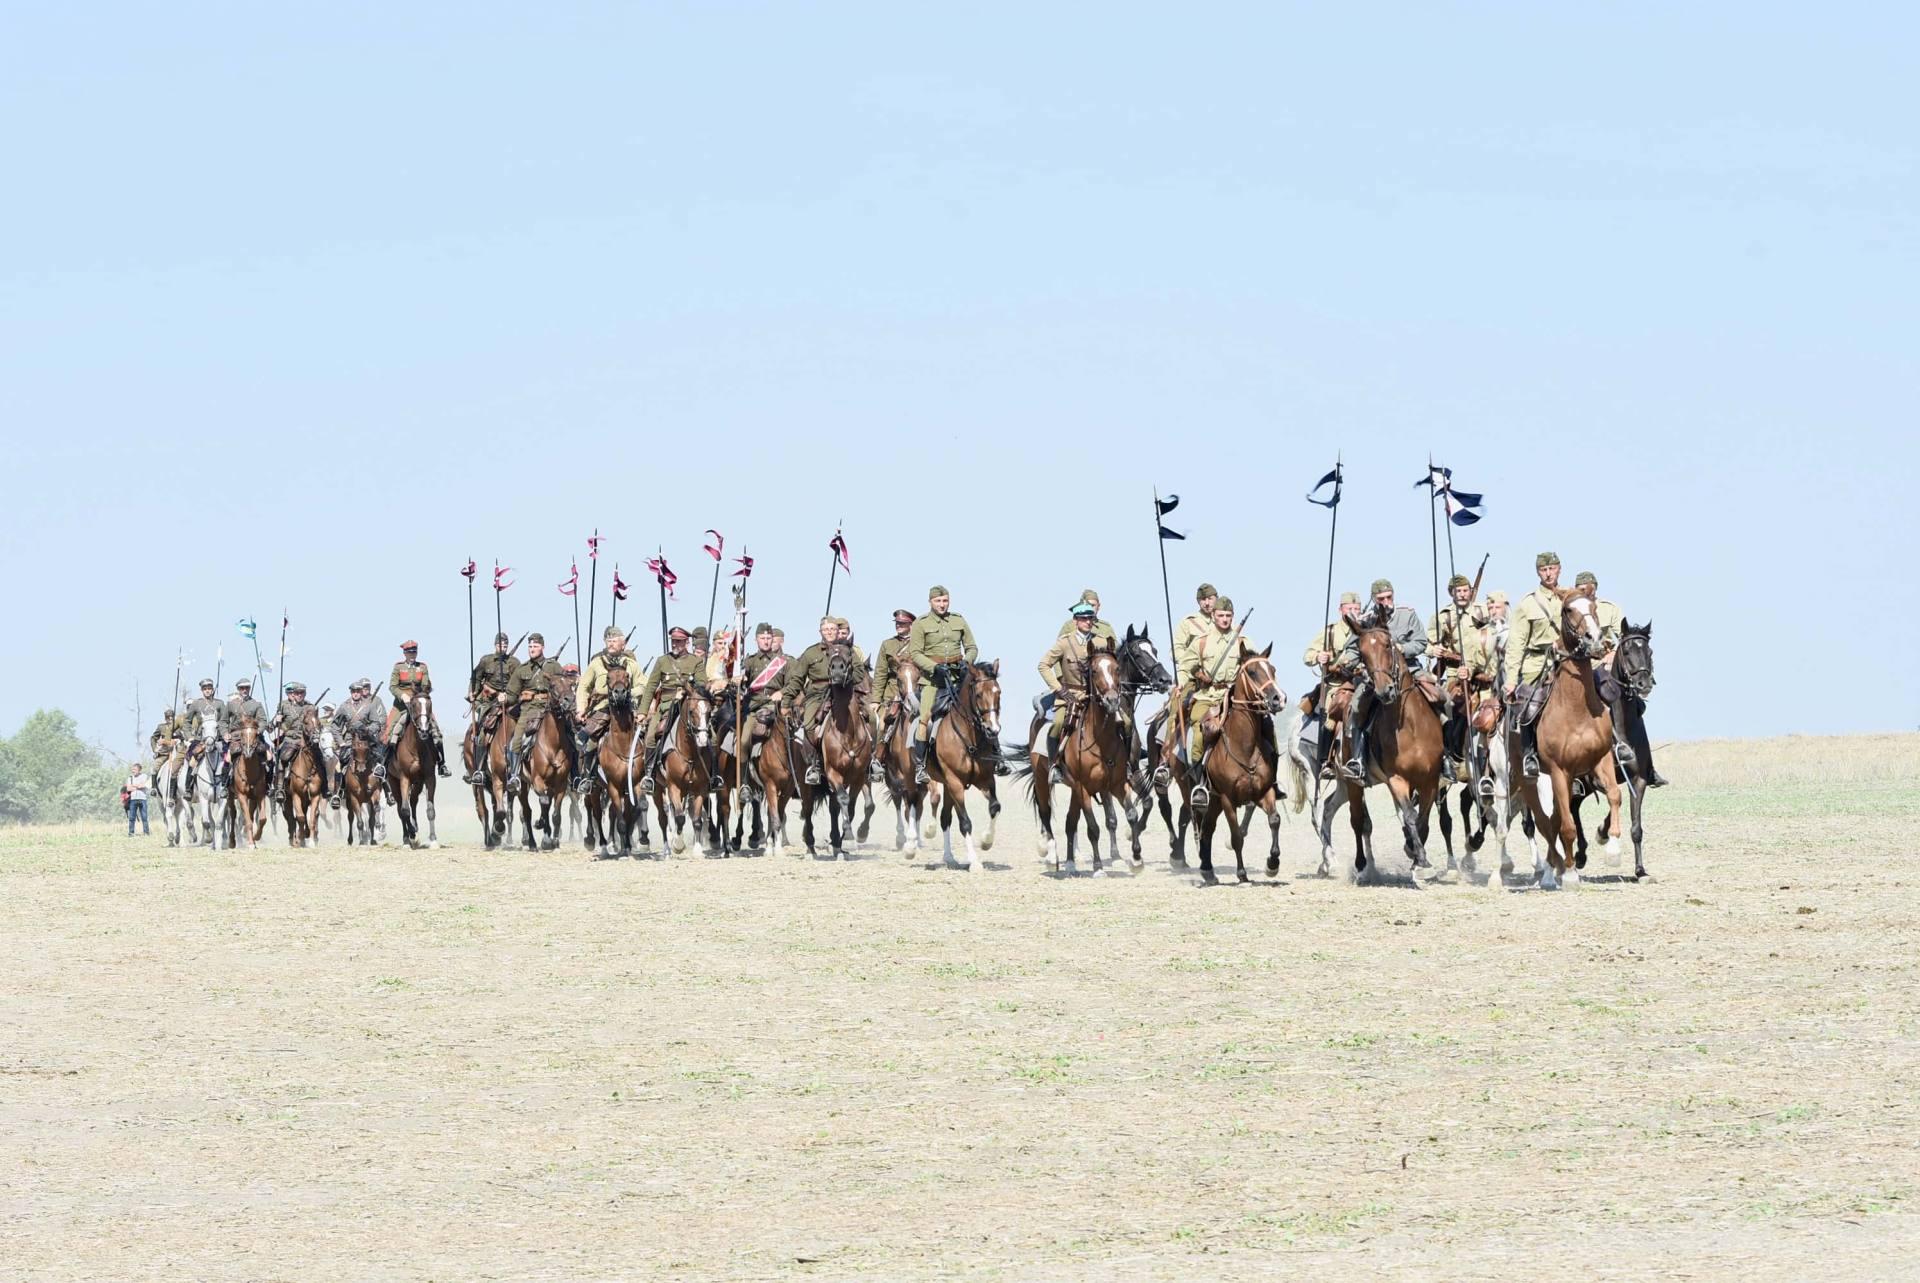 dsc 0644 Czas szabli - 100 rocznica bitwy pod Komarowem(zdjęcia)